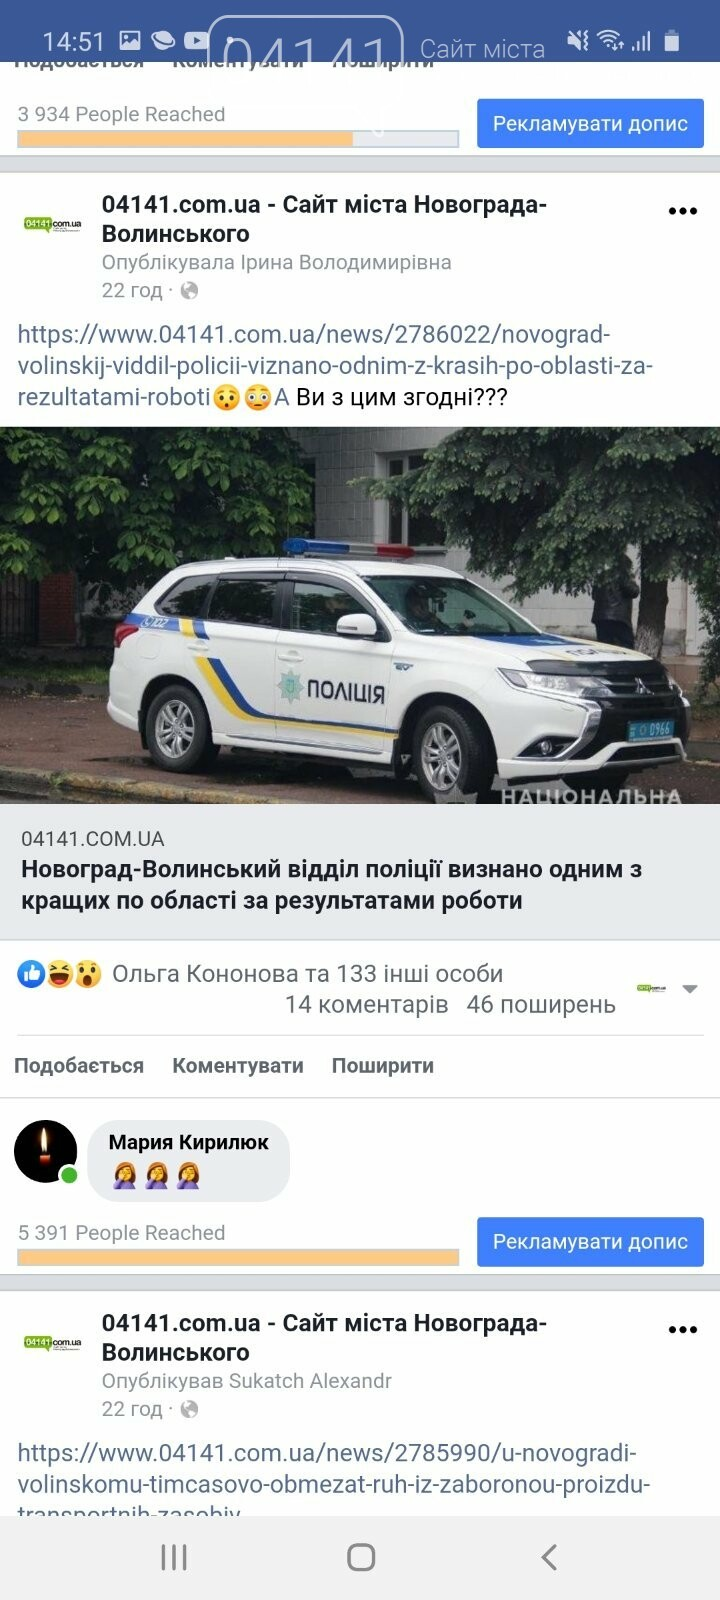 """Що думають новоград-волинці про """"першіcь"""" місцевого відділу поліції в області: (Скріни з коментарями), фото-1"""